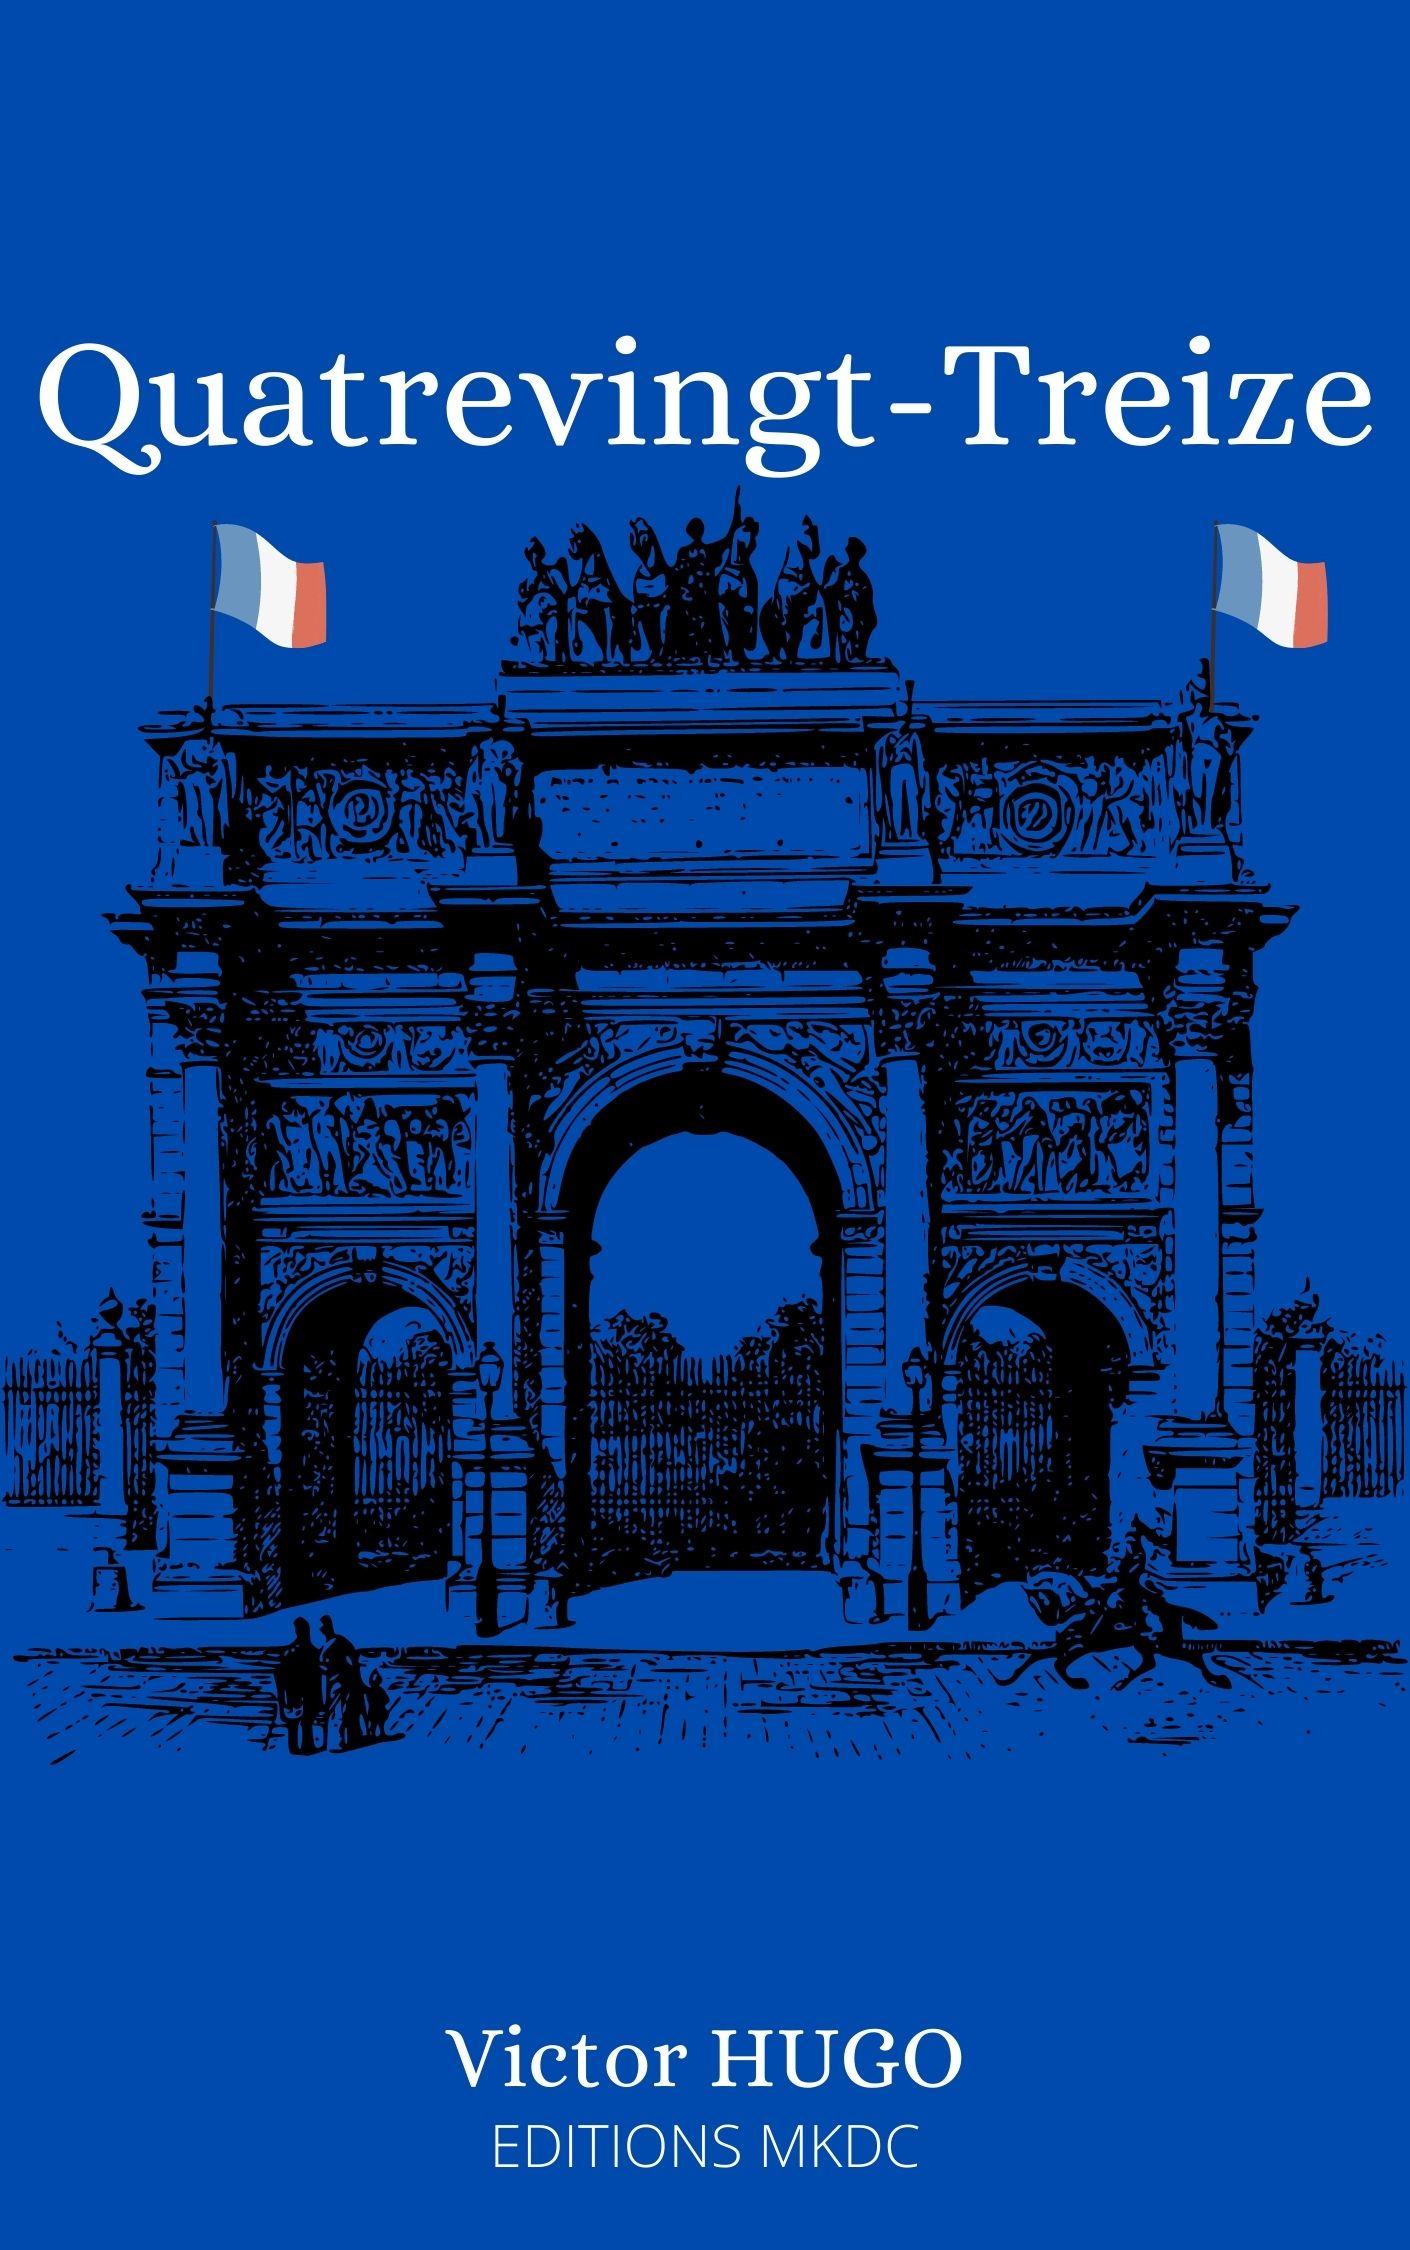 Quatrevingt-Treize  - Victor Hugo (1802-1885)